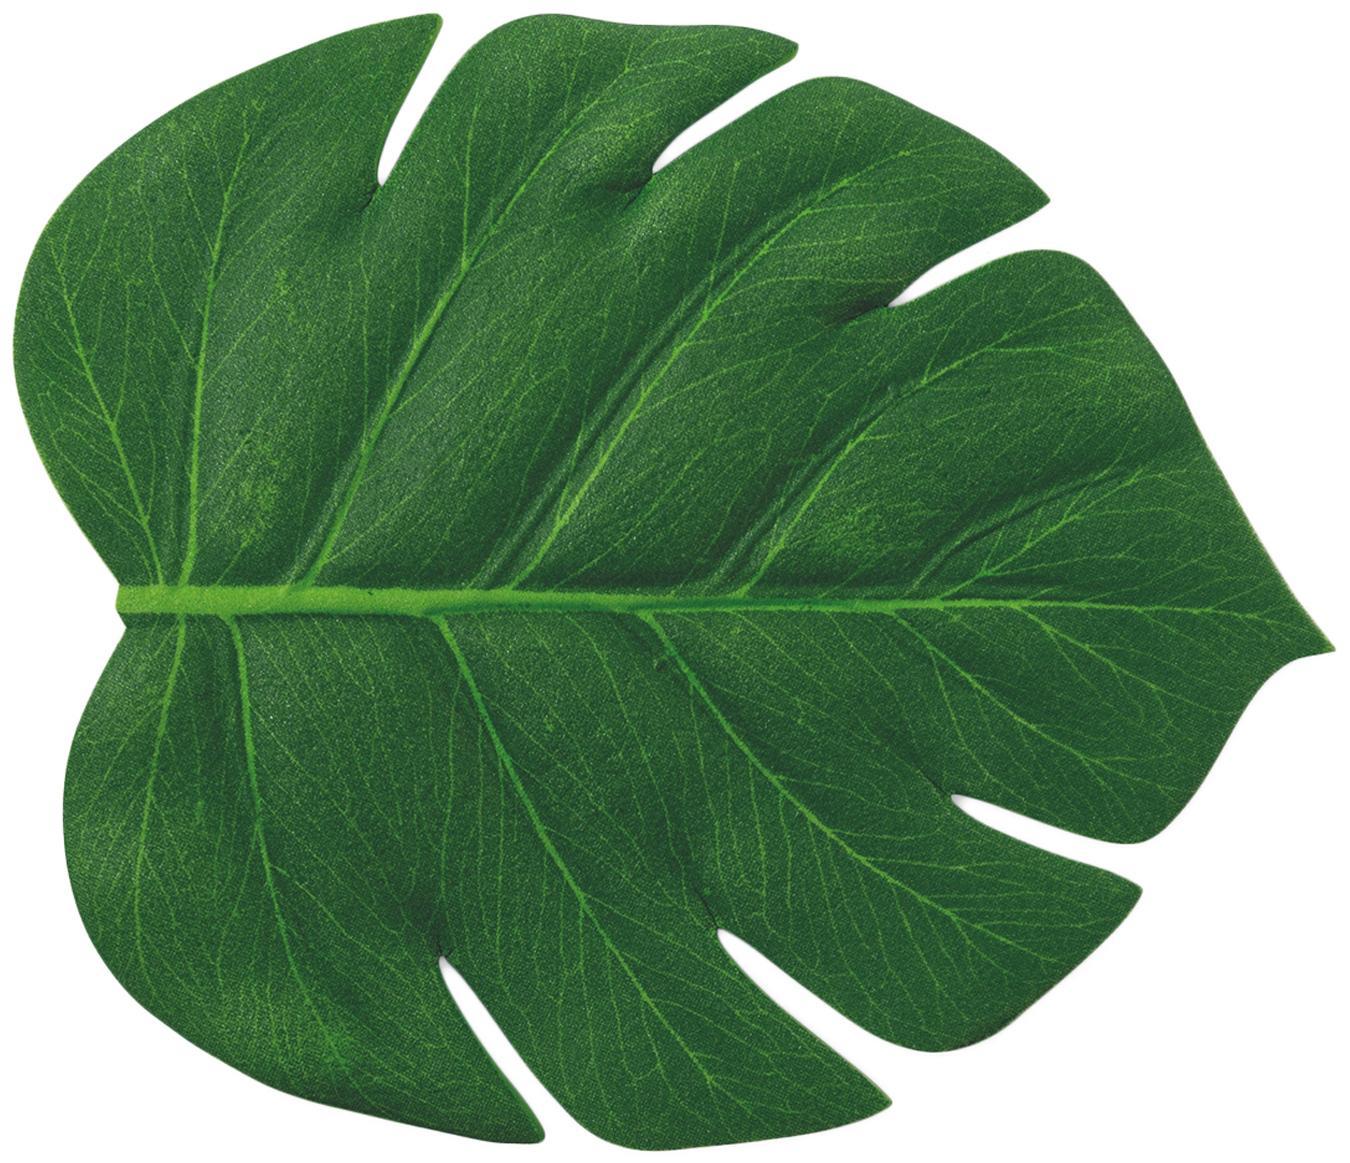 Sottobicchiere Jungle 6 pz, Materiale sintetico, Verde, Larg. 12 x Lung. 14 cm